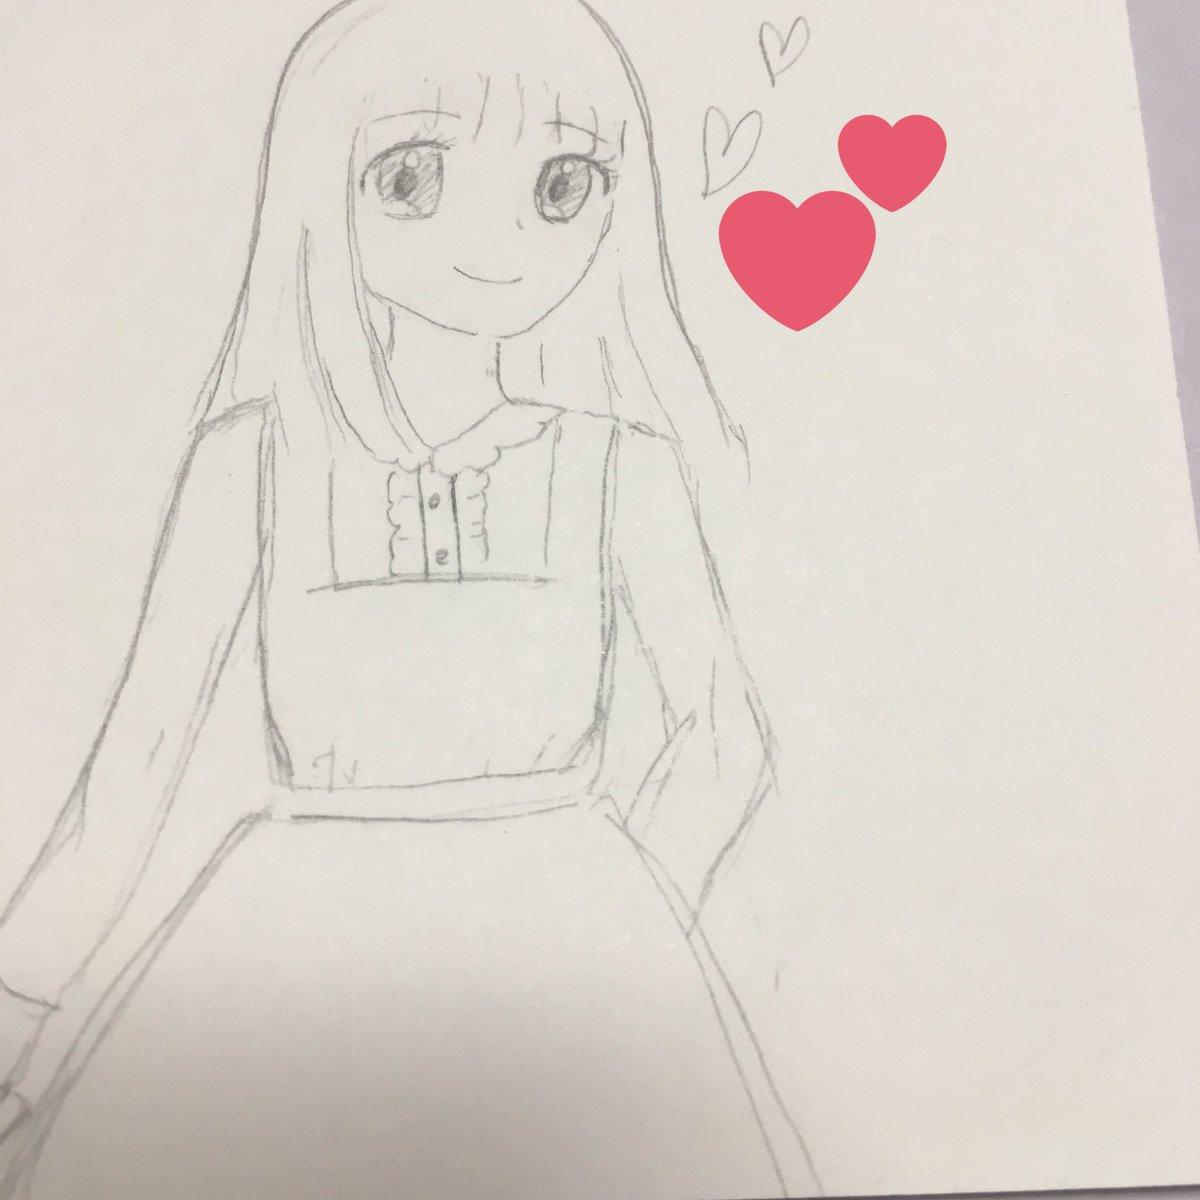 勉強してたのにいつのまにかお絵かきしてた、これで精一杯のアーヤ💭私の中では上手く書けたと思う😉#探偵チームKZ#立花彩